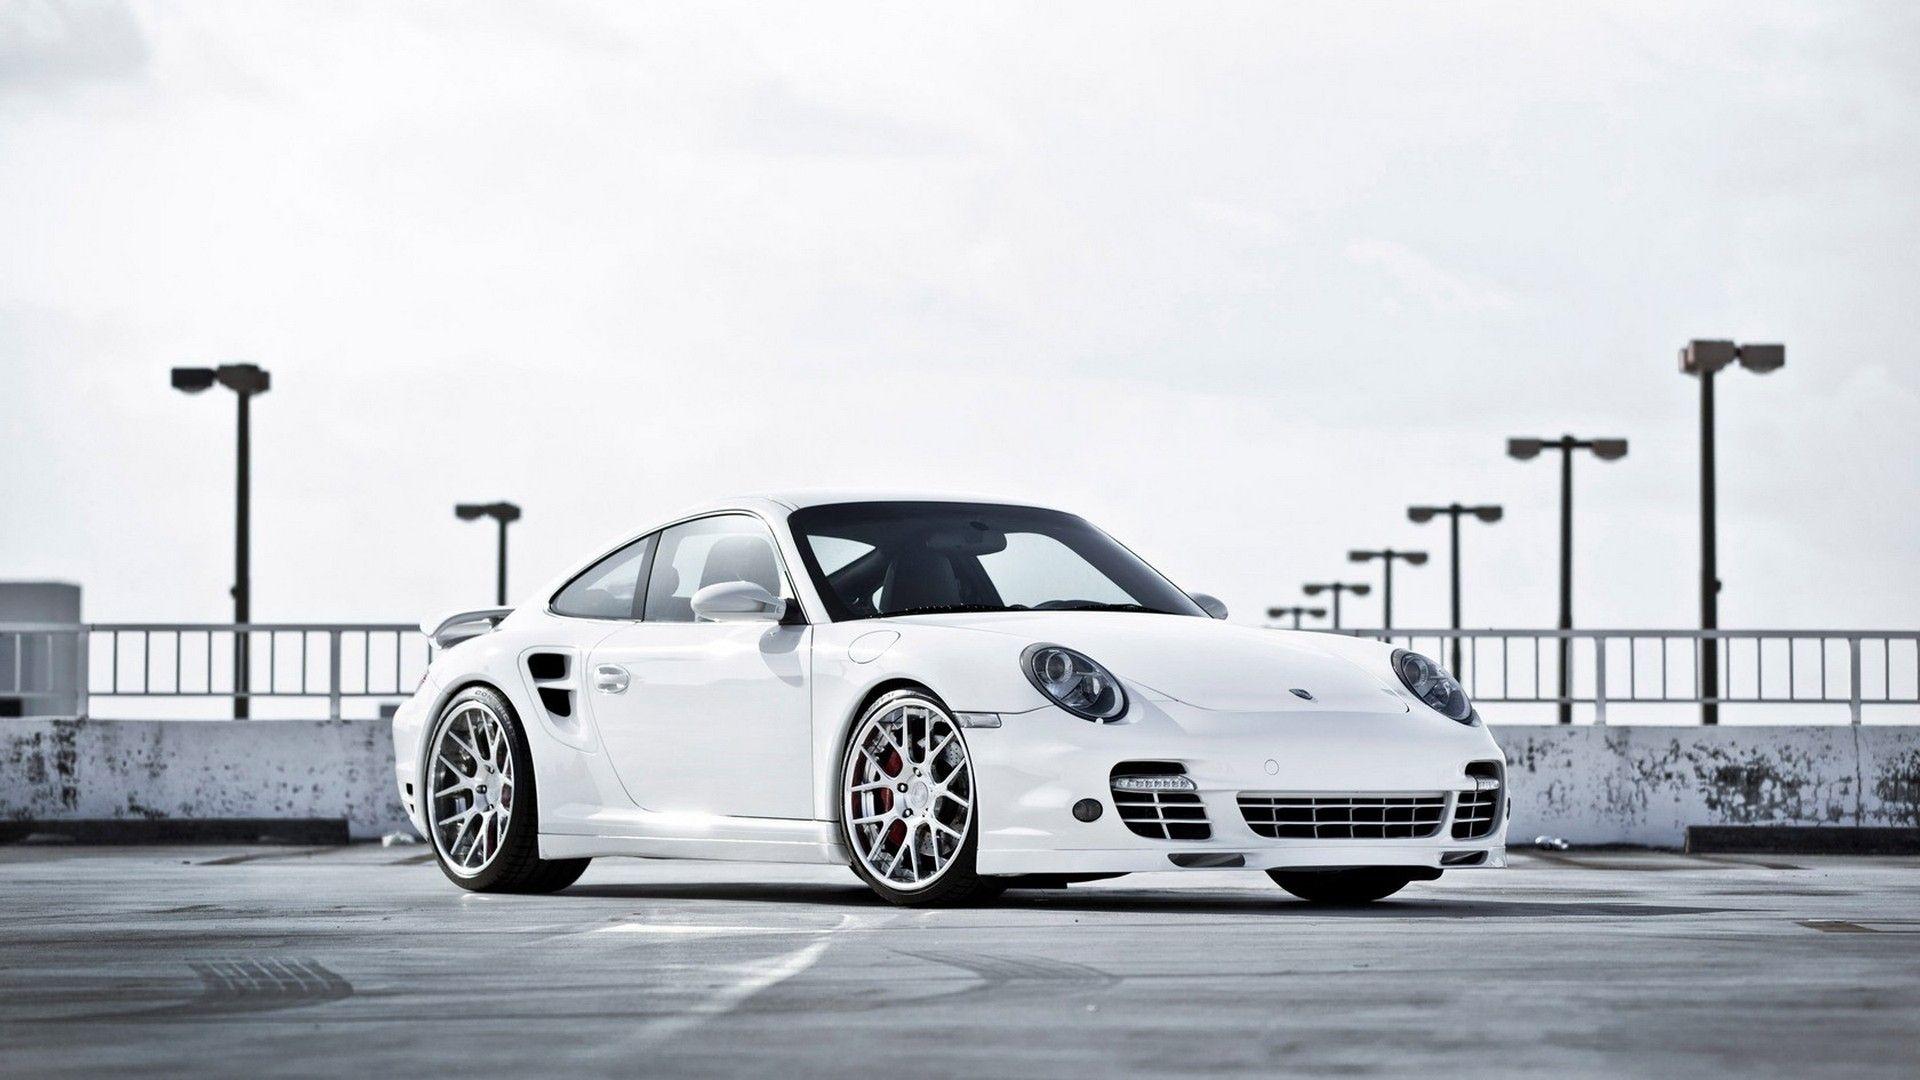 Porsche Carrera S Computer Wallpapers Desktop Backgrounds